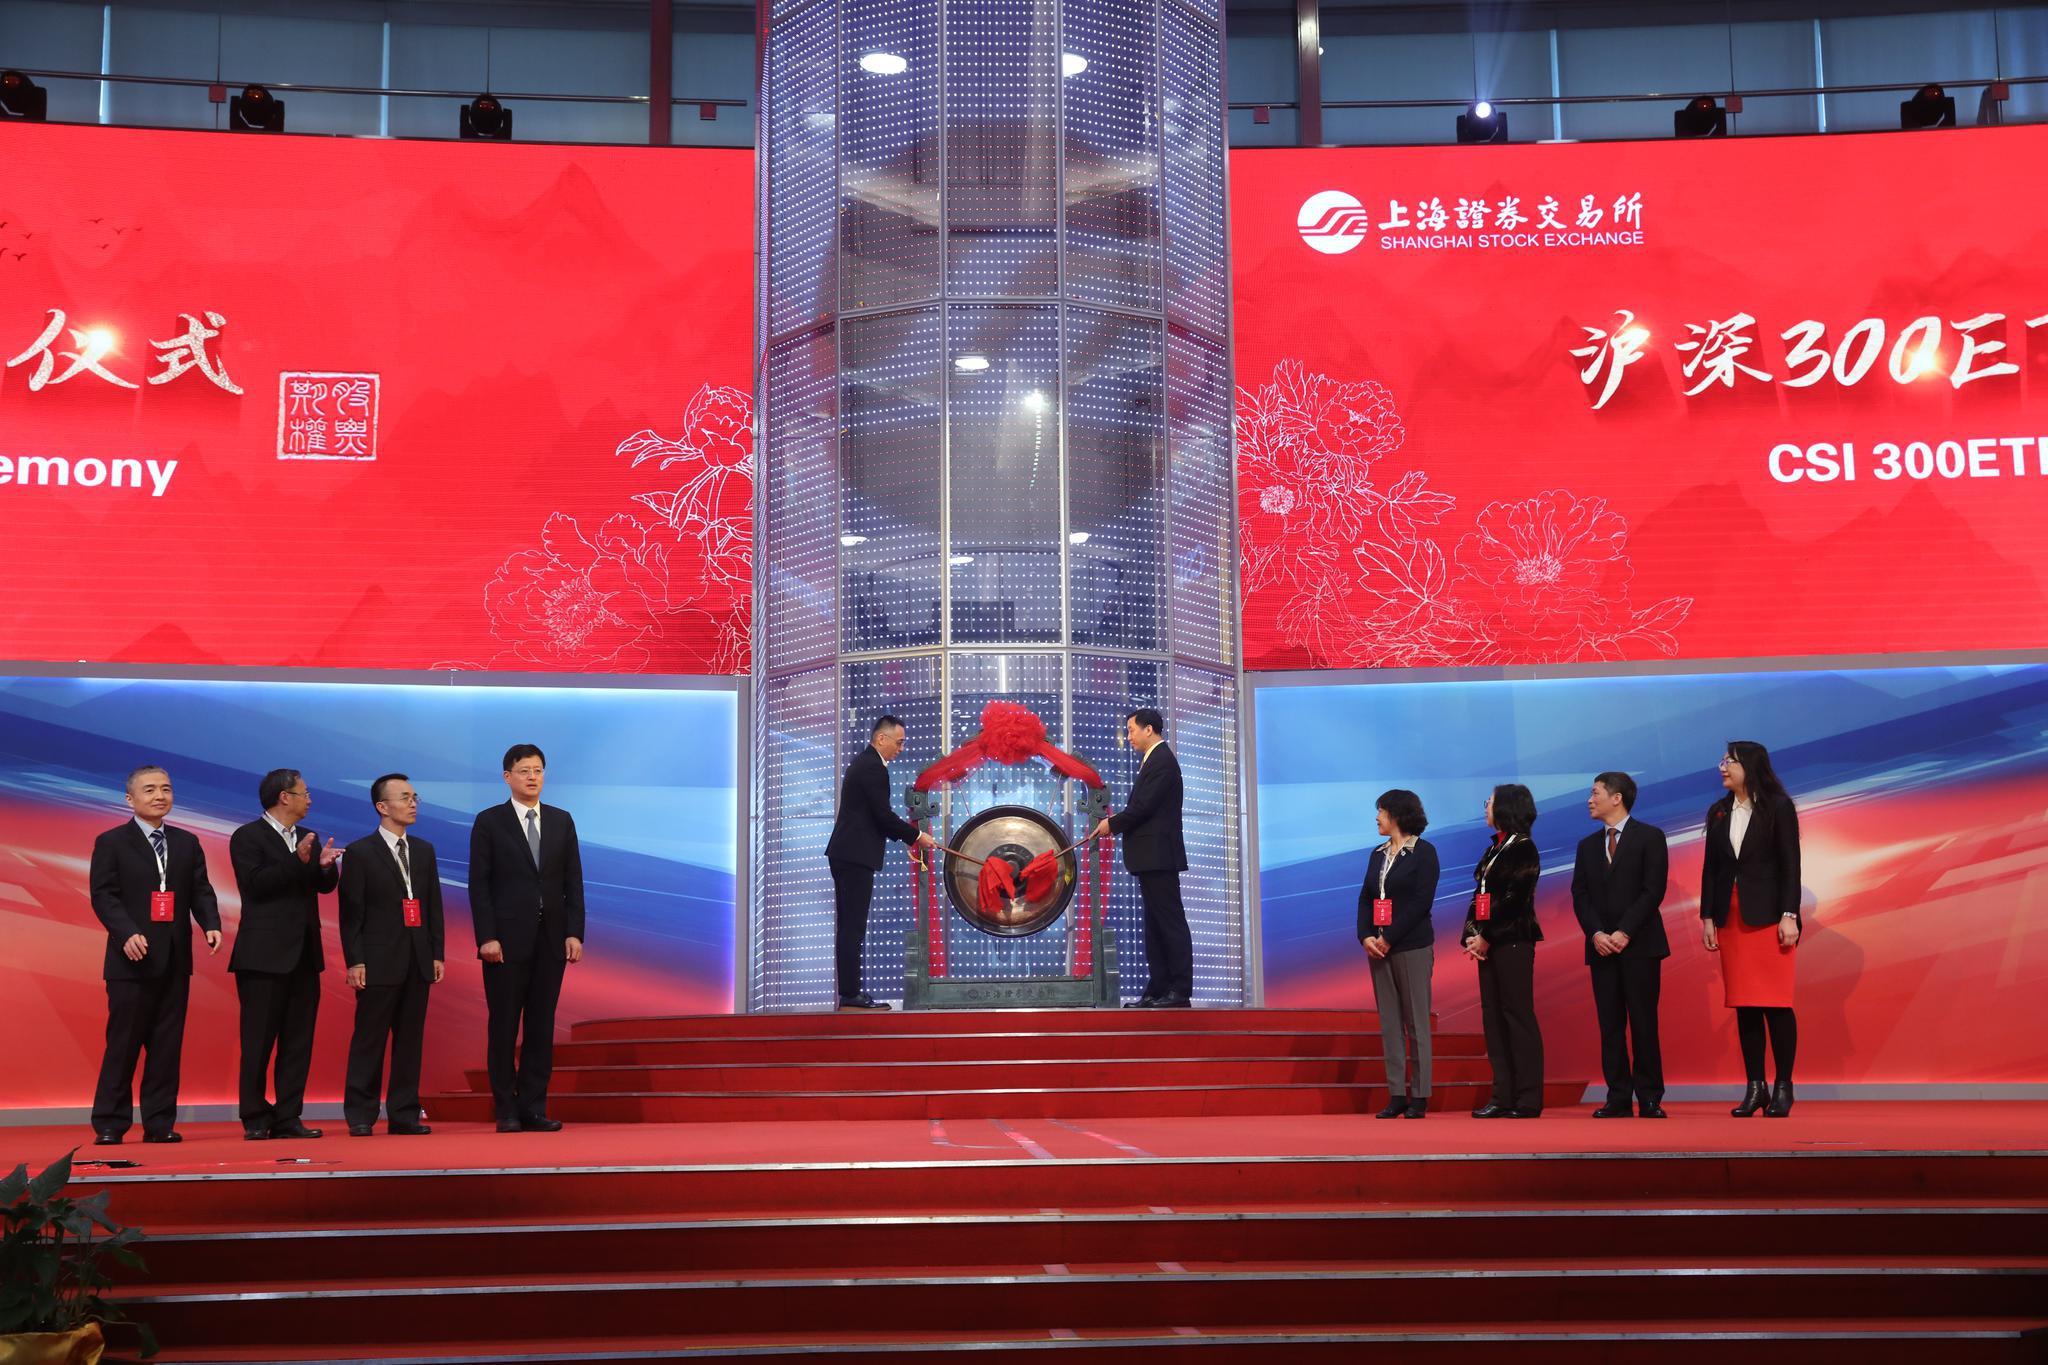 沪深300ETF期权上市 上交所推新业务提升资金效率